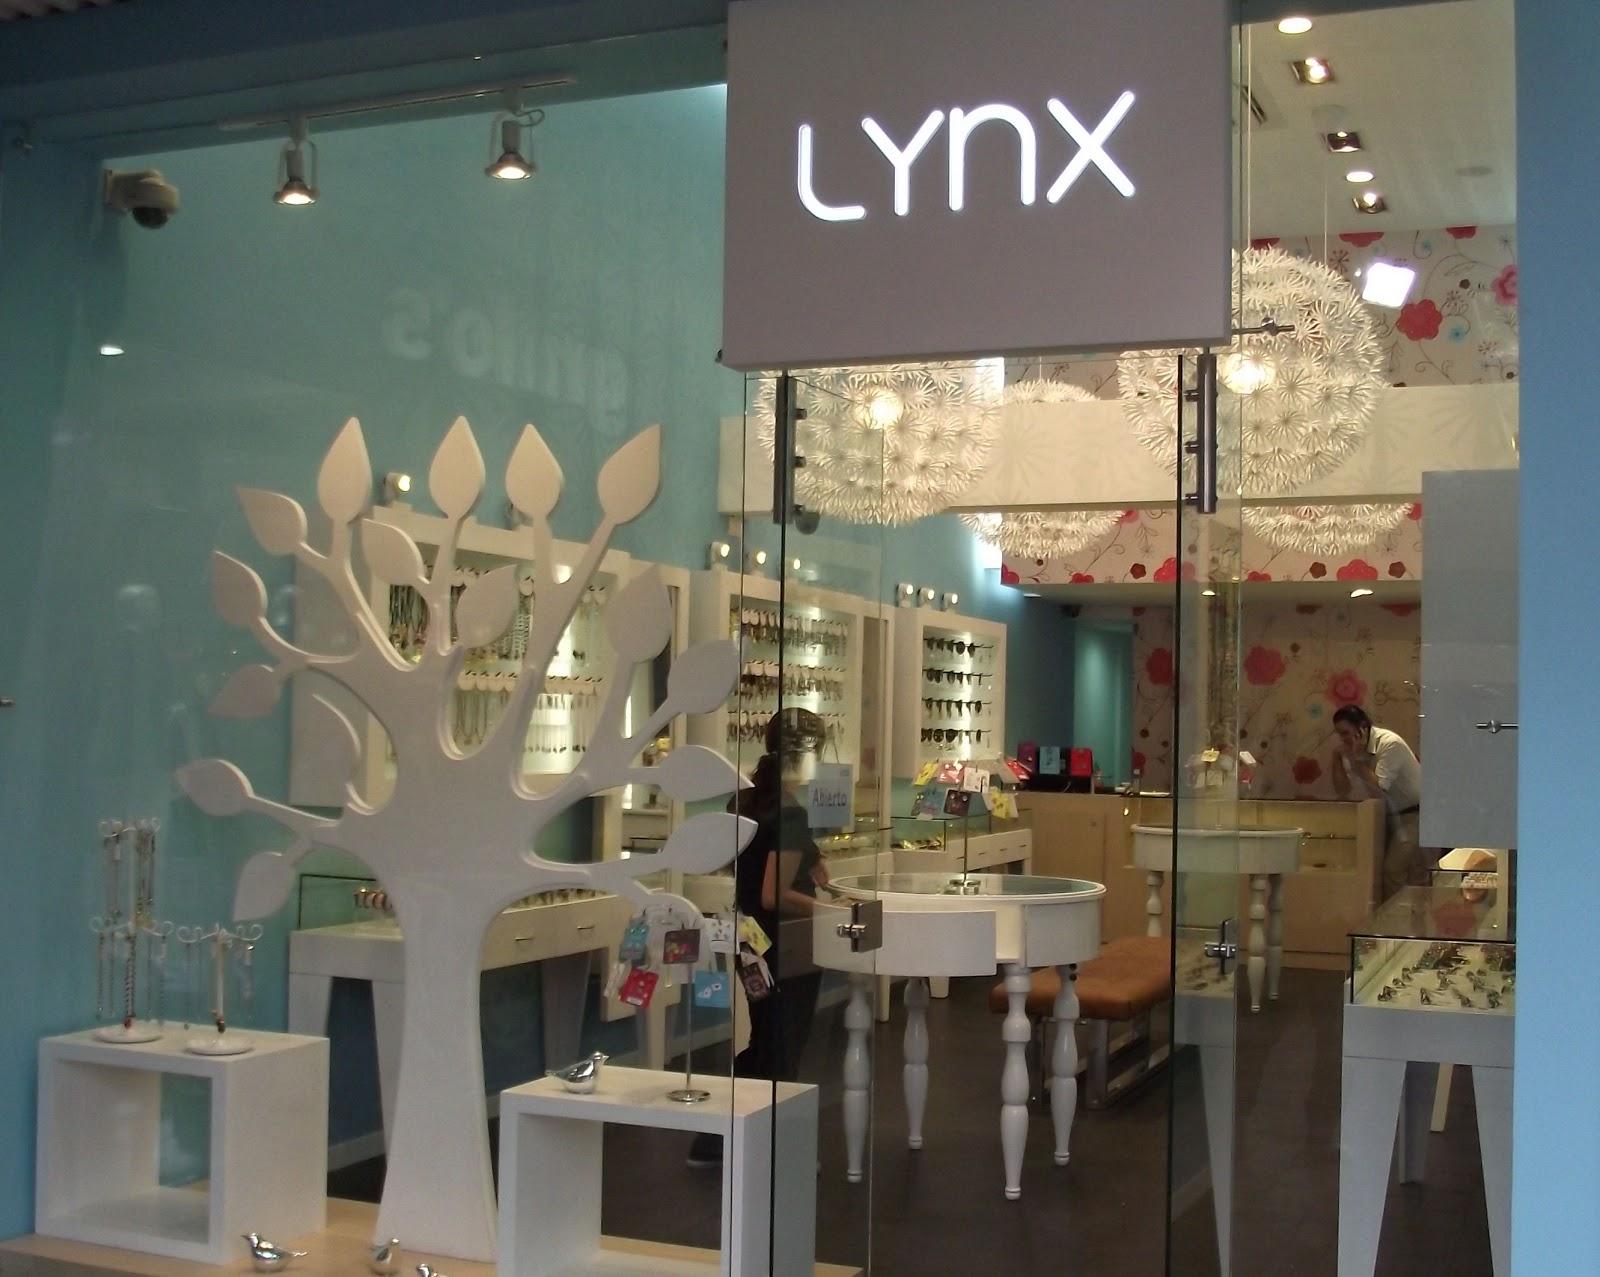 MUEBLES PARA LOCALES COMERCIALES: LYNX (C.C. Unicentro- Cali)